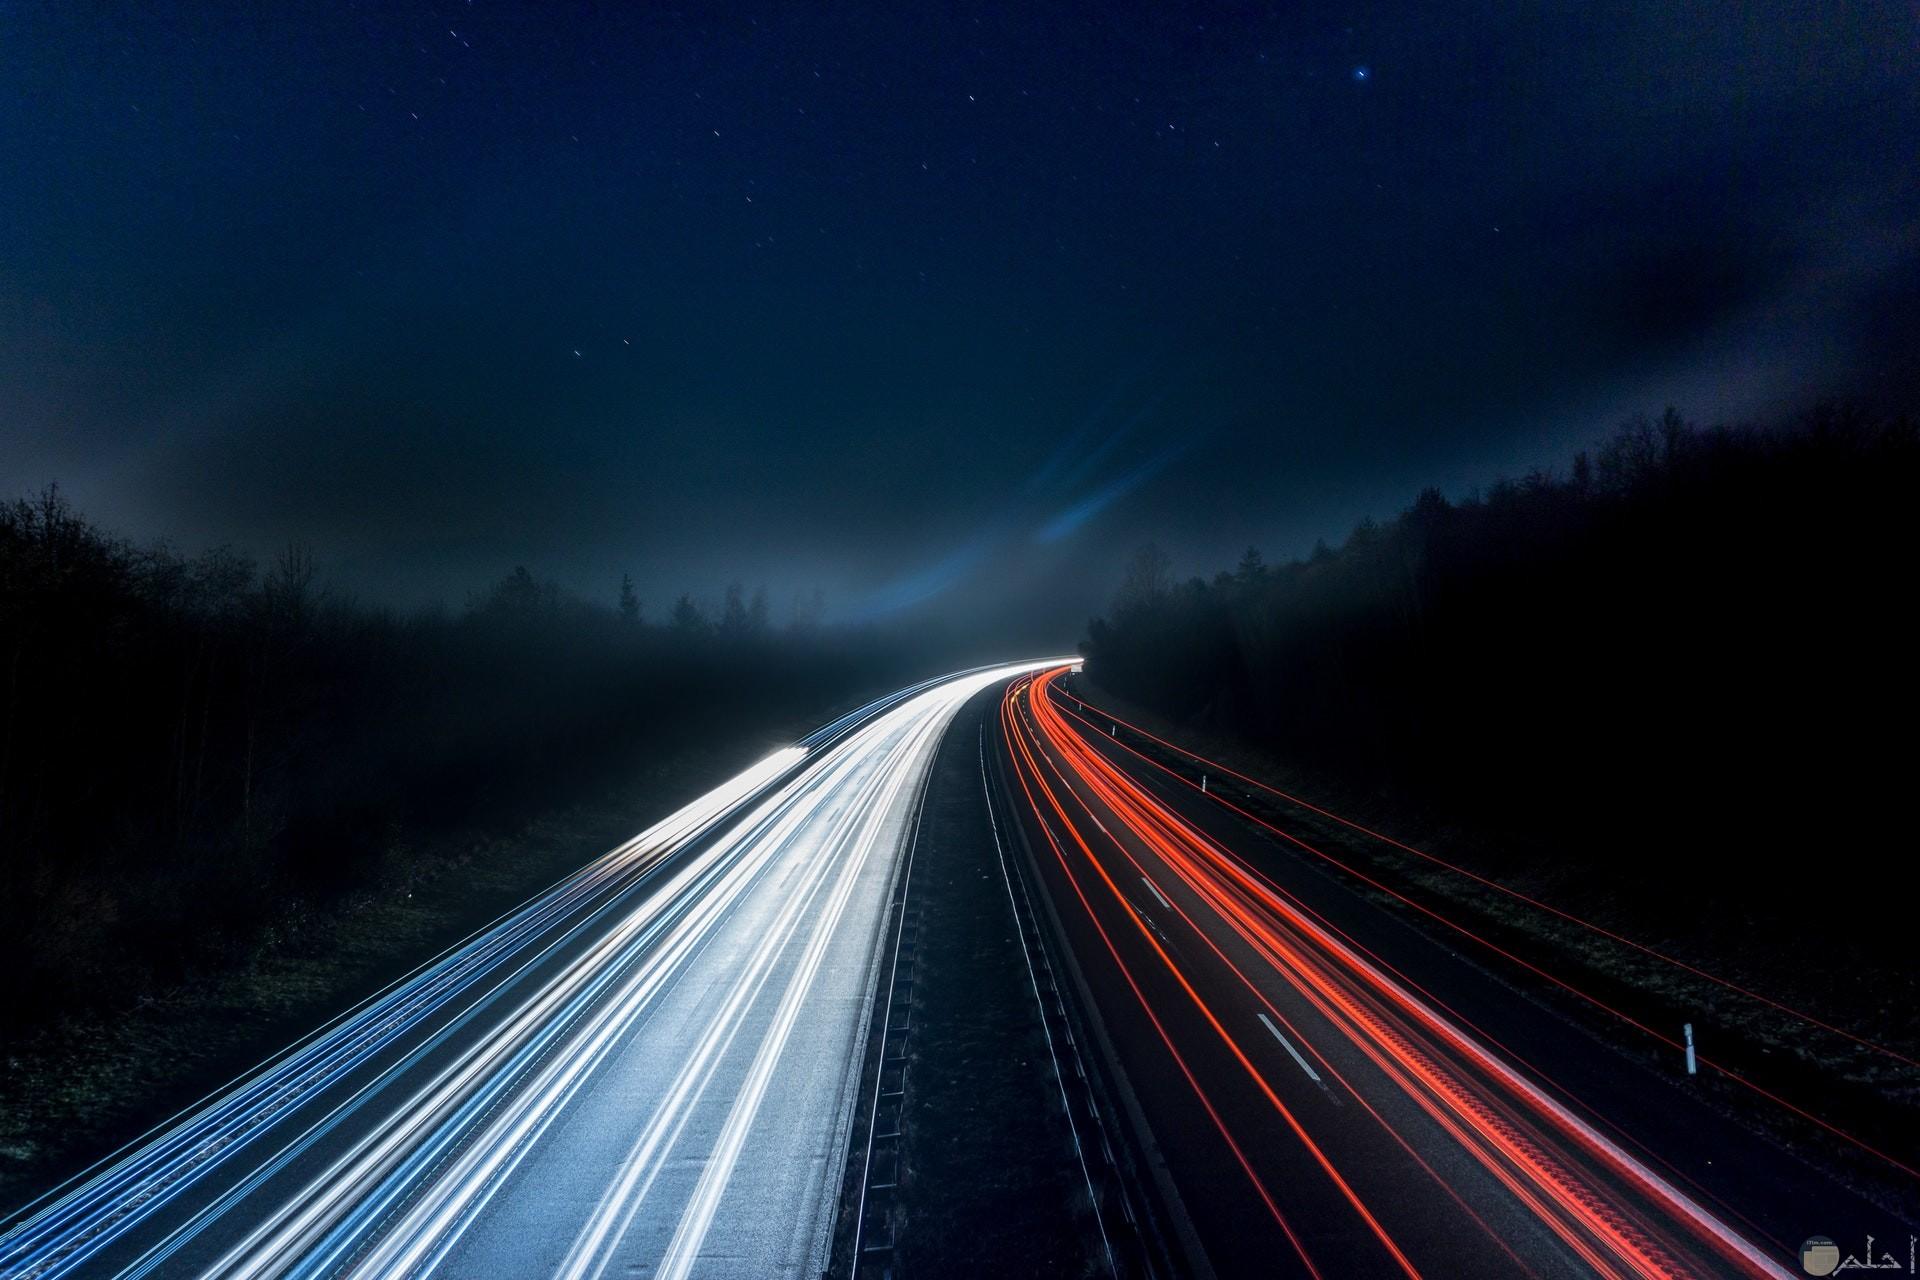 صور خلفيات جميلة للهاتف للشباب بها طريق مع أضواء حمراء وبيضاء وقت الليل